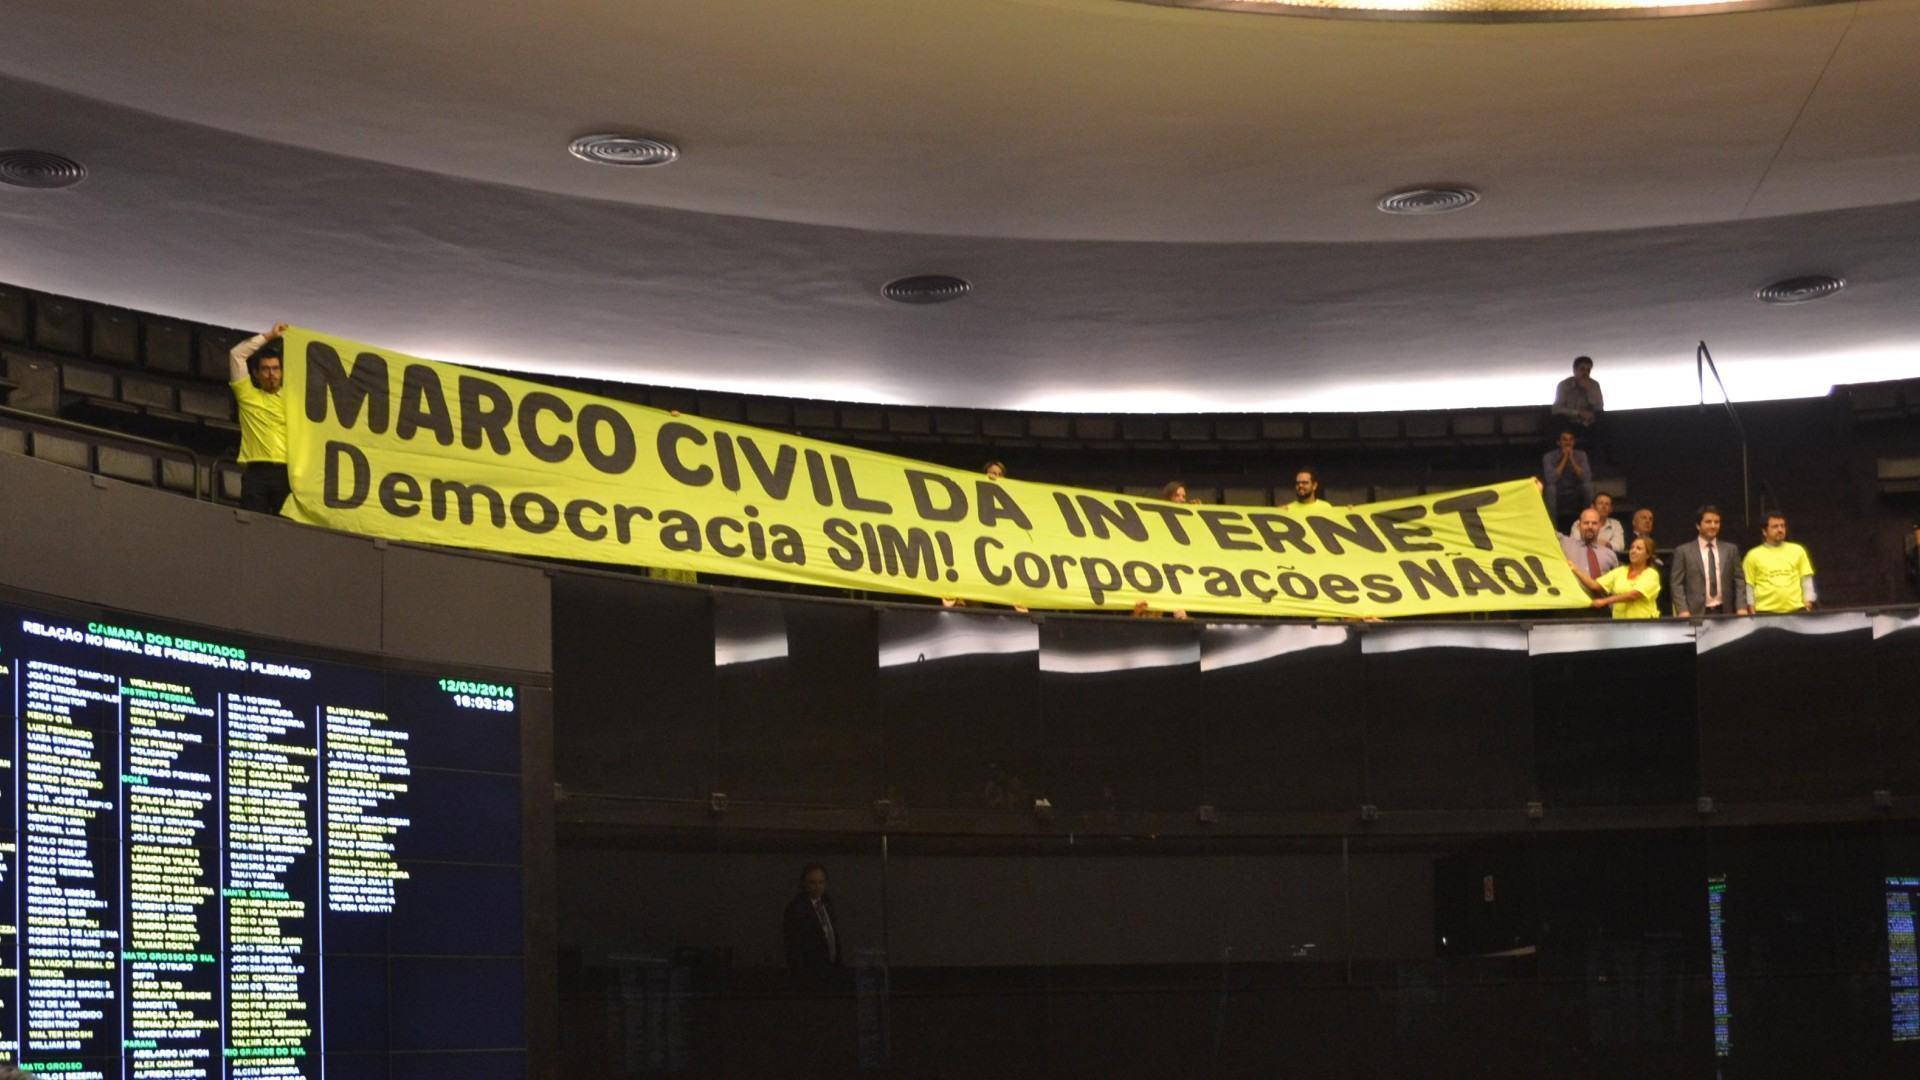 Faixa pró-Marco Civil da Internet na Câmara dos Deputados.